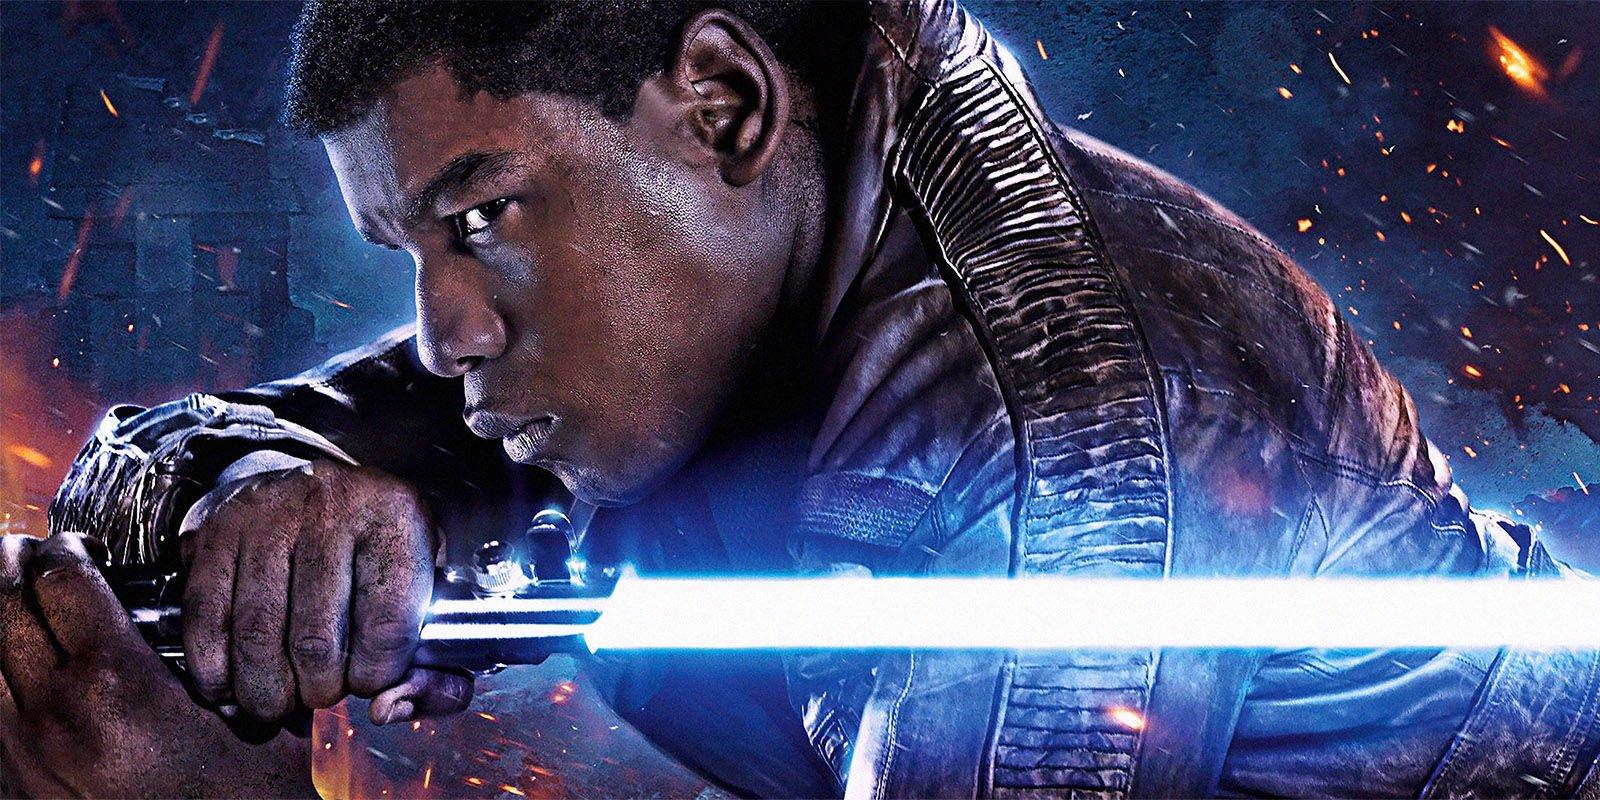 """Это было звездато. Рецензия на """"Звёздные войны: Пробуждение силы"""" - Изображение 13"""